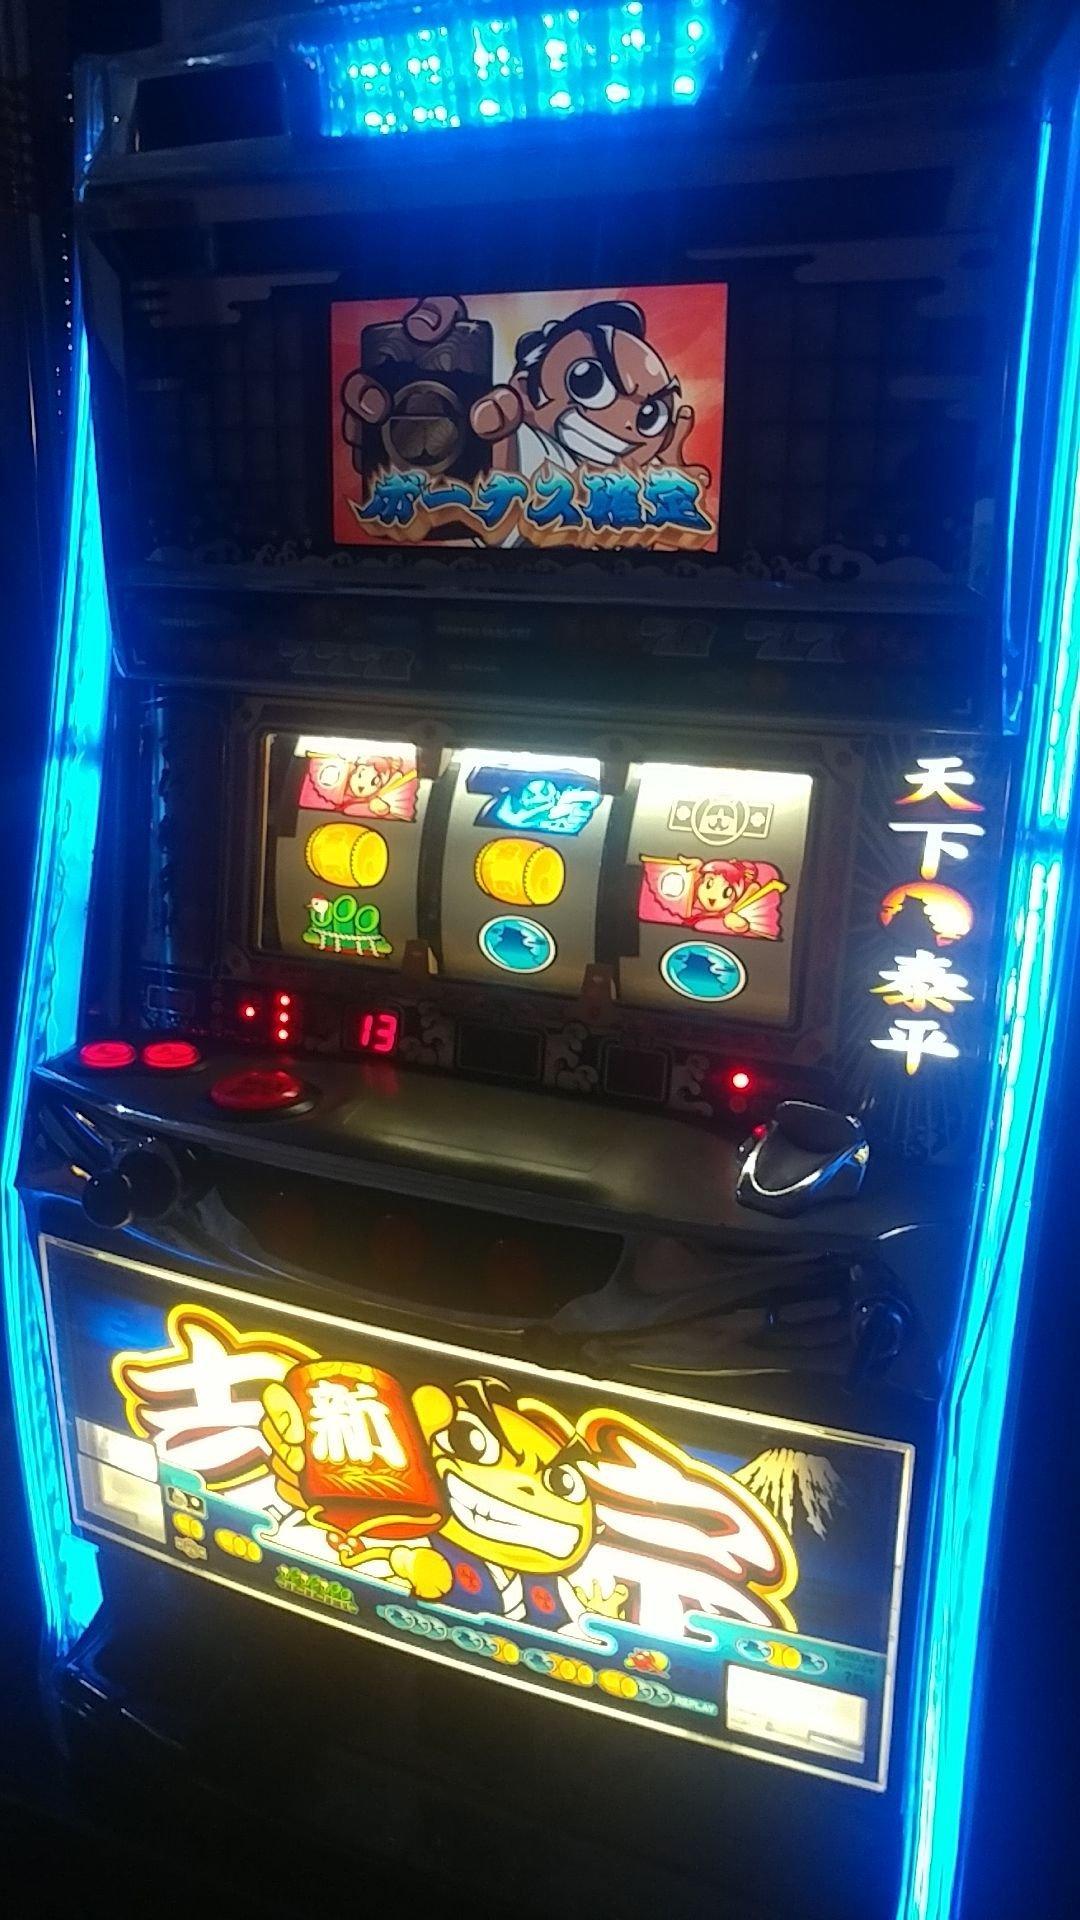 日本原裝機台下架SLOT斯洛(經典2008絕版收藏-新吉宗 大型電玩遊戲機(拉霸)個人在家娛樂超刺激漫畫迷收藏非柏青哥